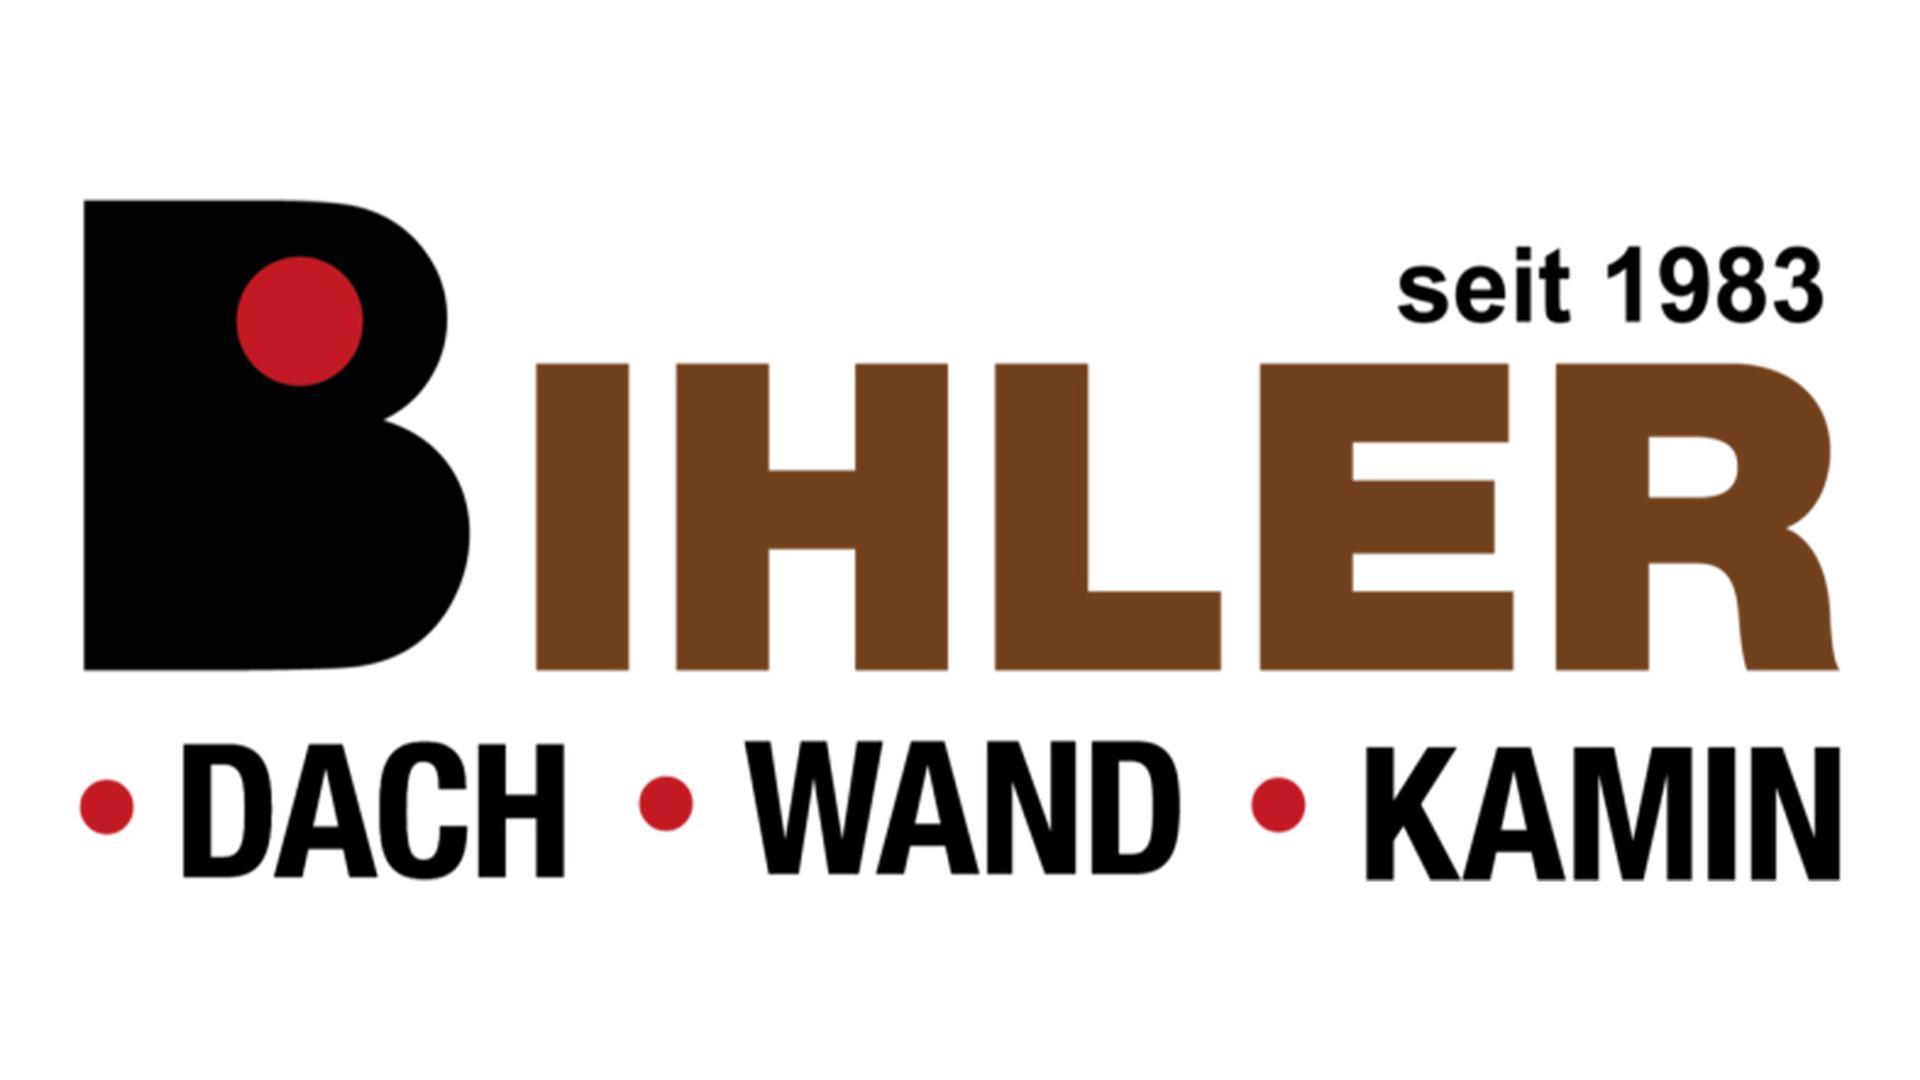 Bihler seit 1983: Dach - Wand - Kamin